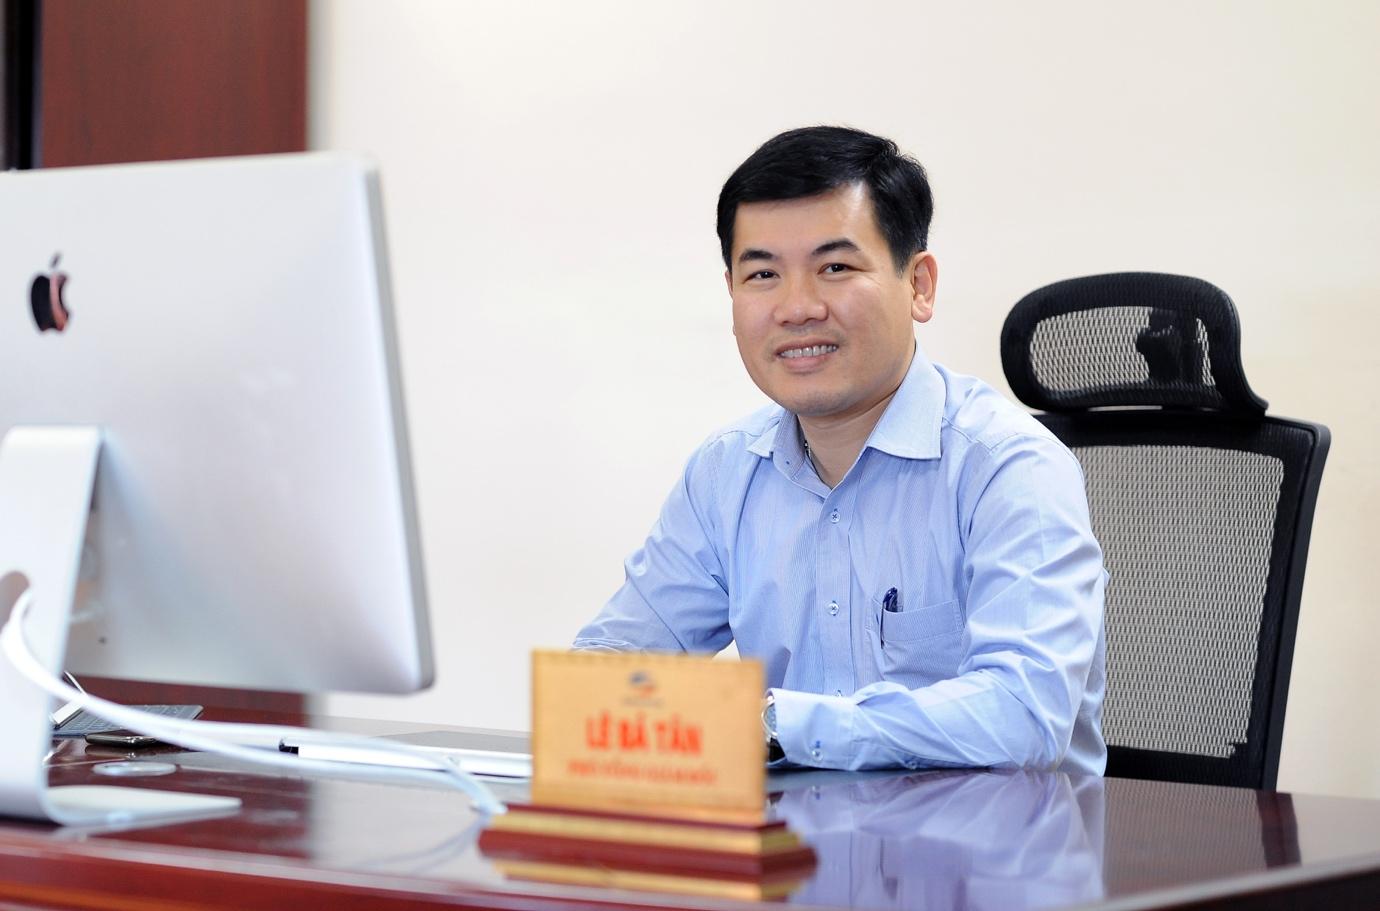 Ông Lê Bá Tân – Phó tổng giám đốc Viettel Networks cho biết Viettel sẽ tạo điều kiện không giới hạn cho những ý tưởng, sản phẩm được đánh giá tiềm năng.